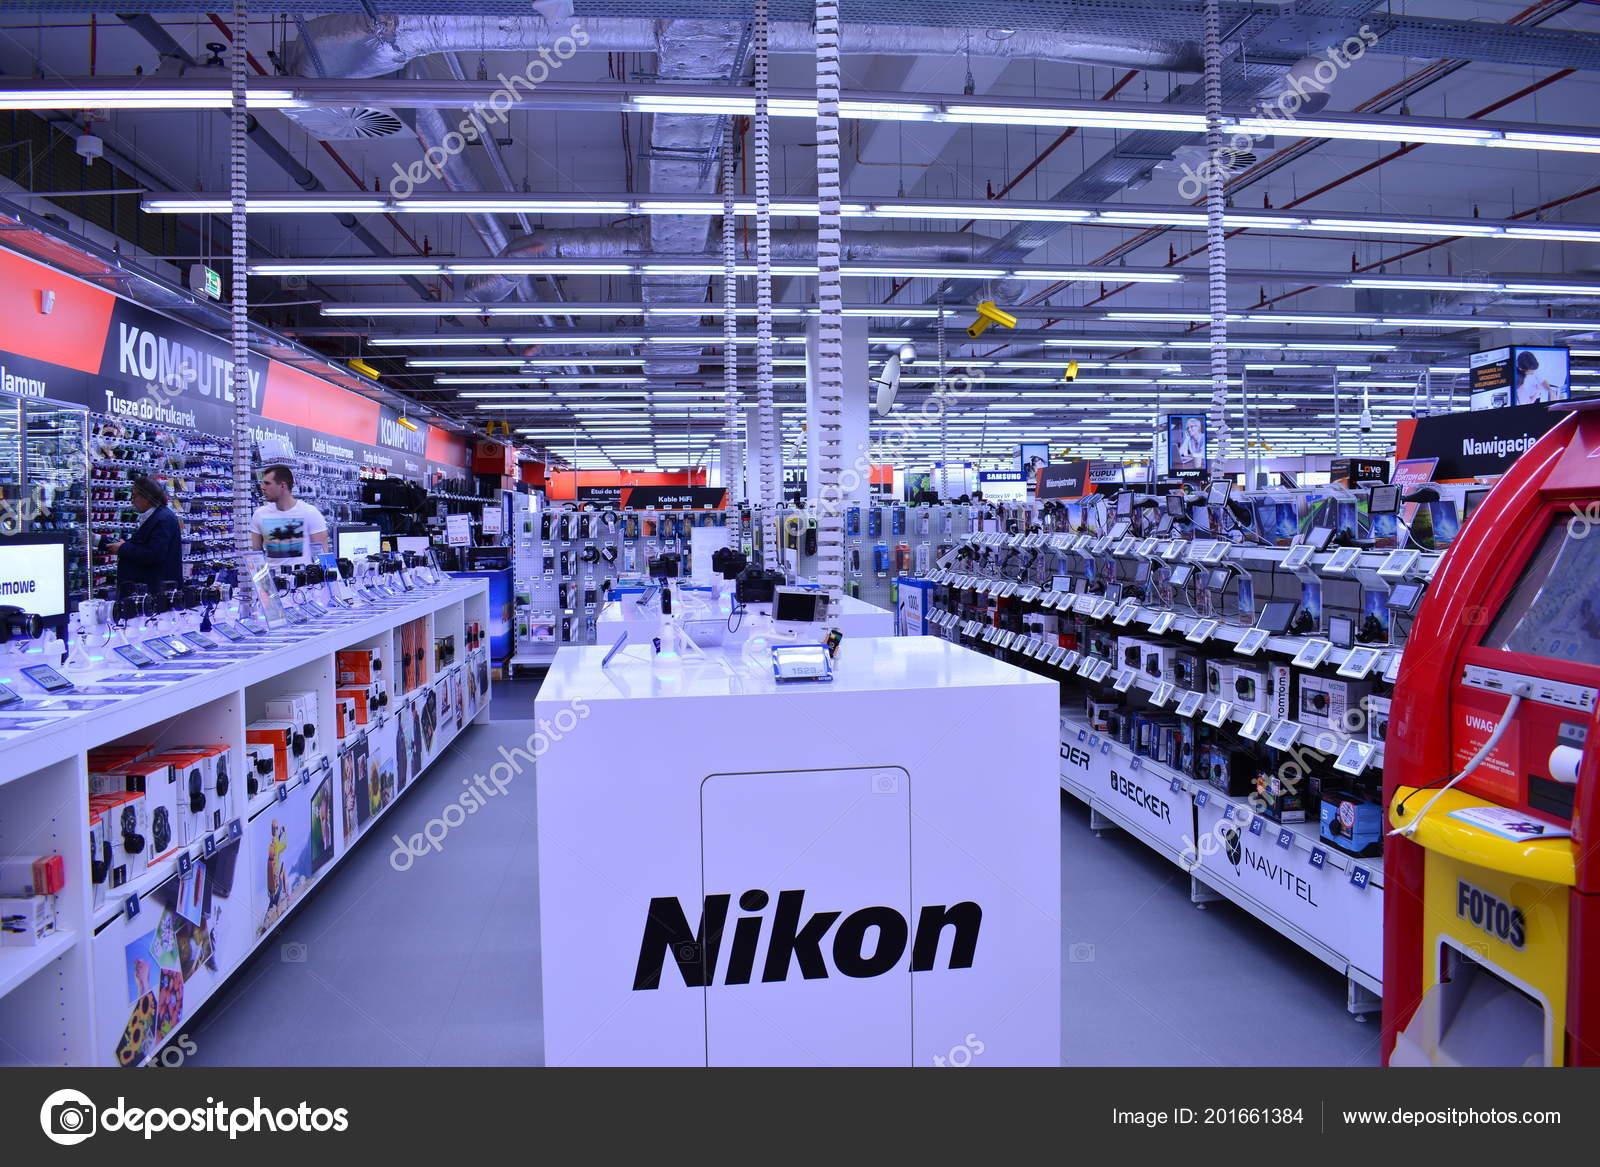 ac4b690e371a9 Štětín Polsko Června 2018 Saturn Obchod Obchodním Centru Galeria Kaskada —  Stock fotografie